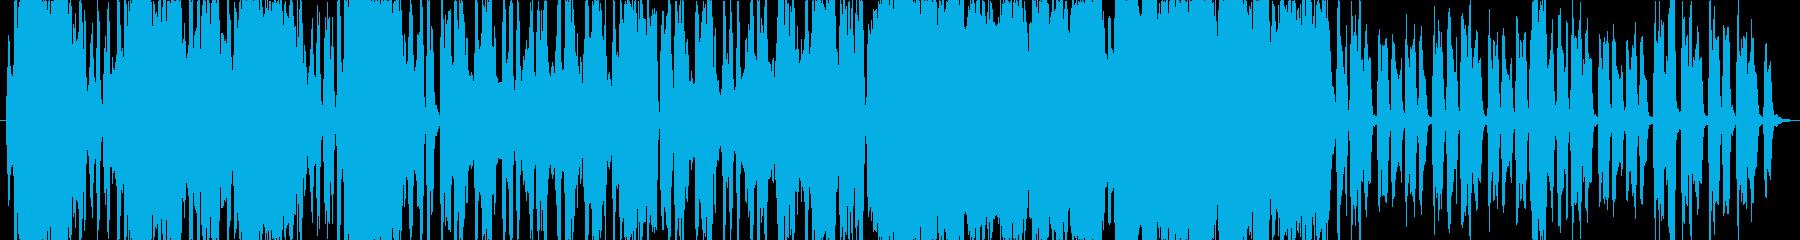 やや壮大な昔語り風イメージ曲の再生済みの波形